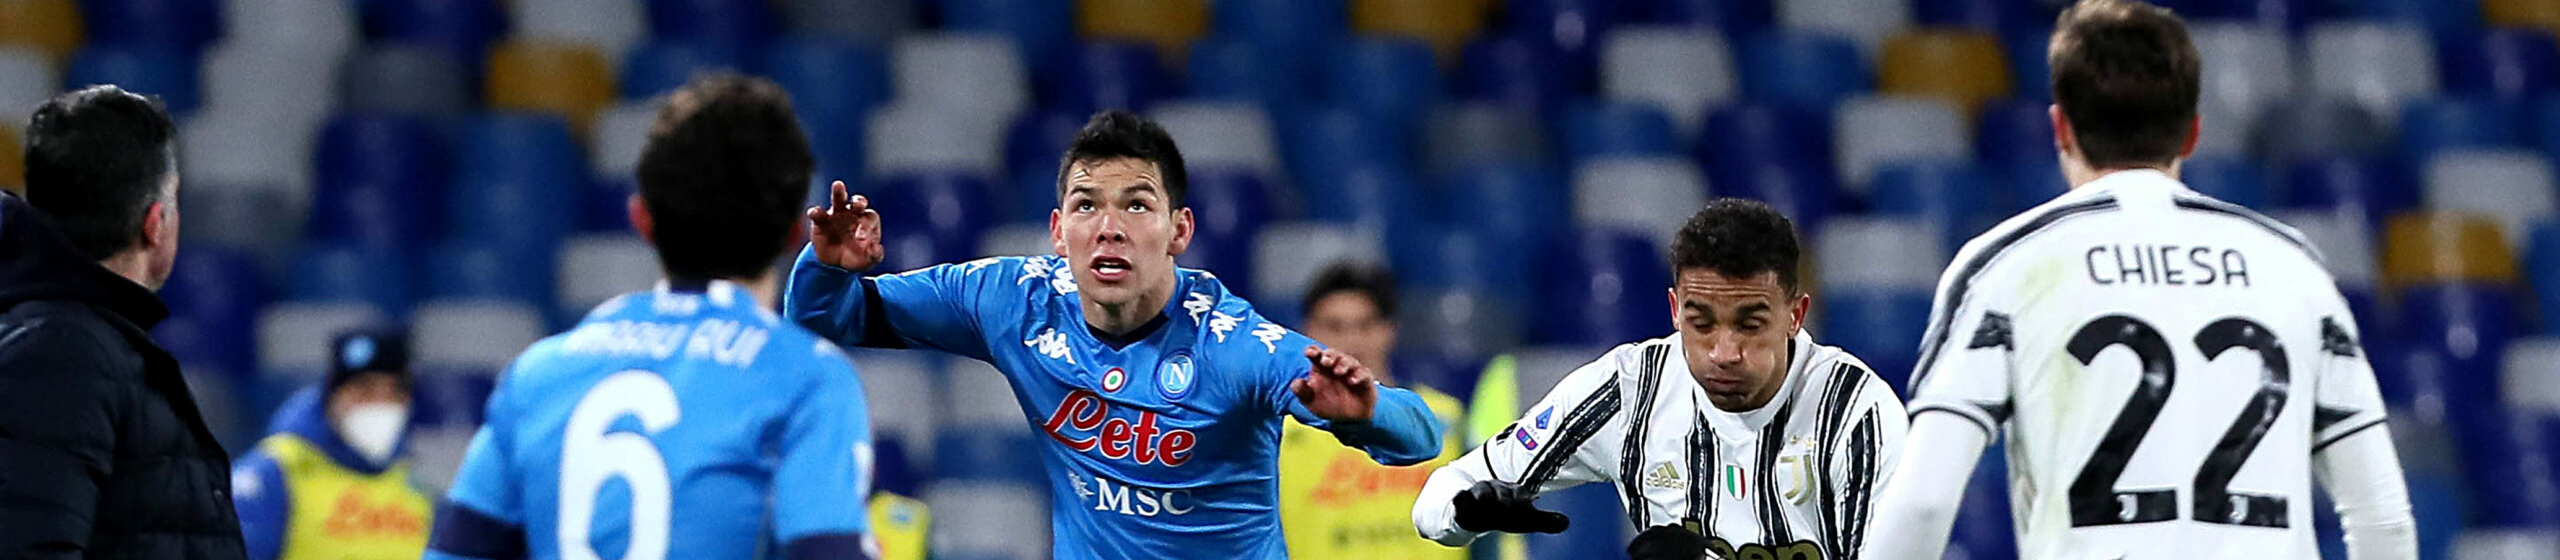 Pronostico Juventus-Napoli, Pirlo si gioca il jolly Dybala - le ultimissime